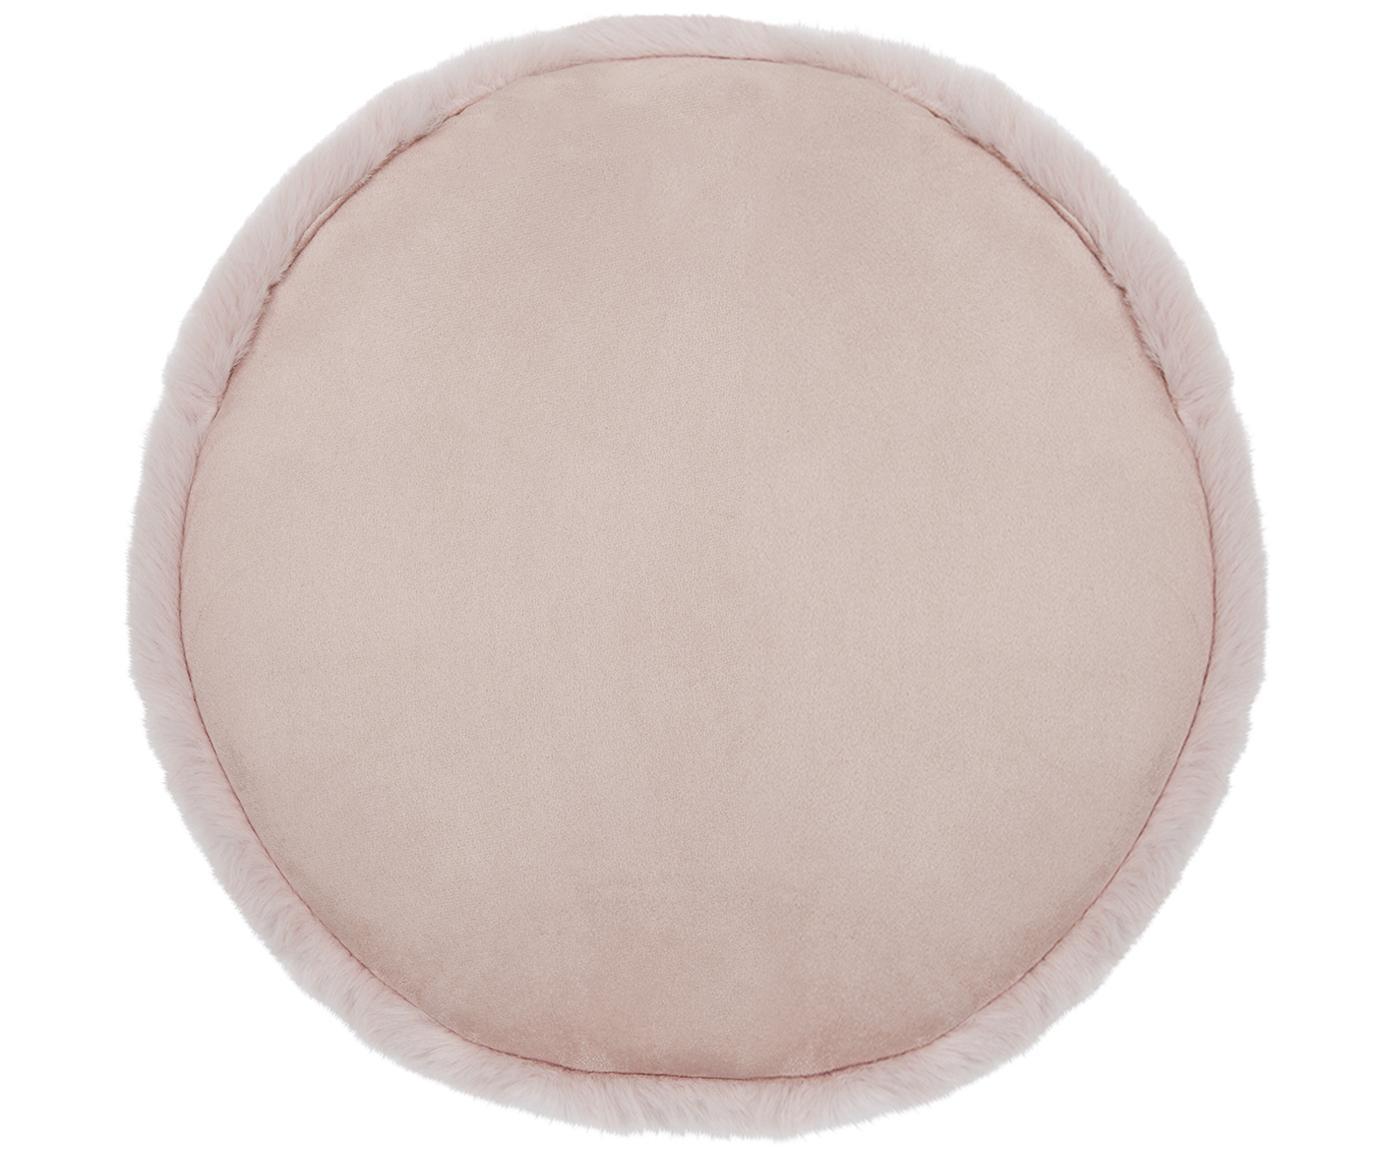 Galette de chaise en fourrure synthétique lisse Mette, Rose